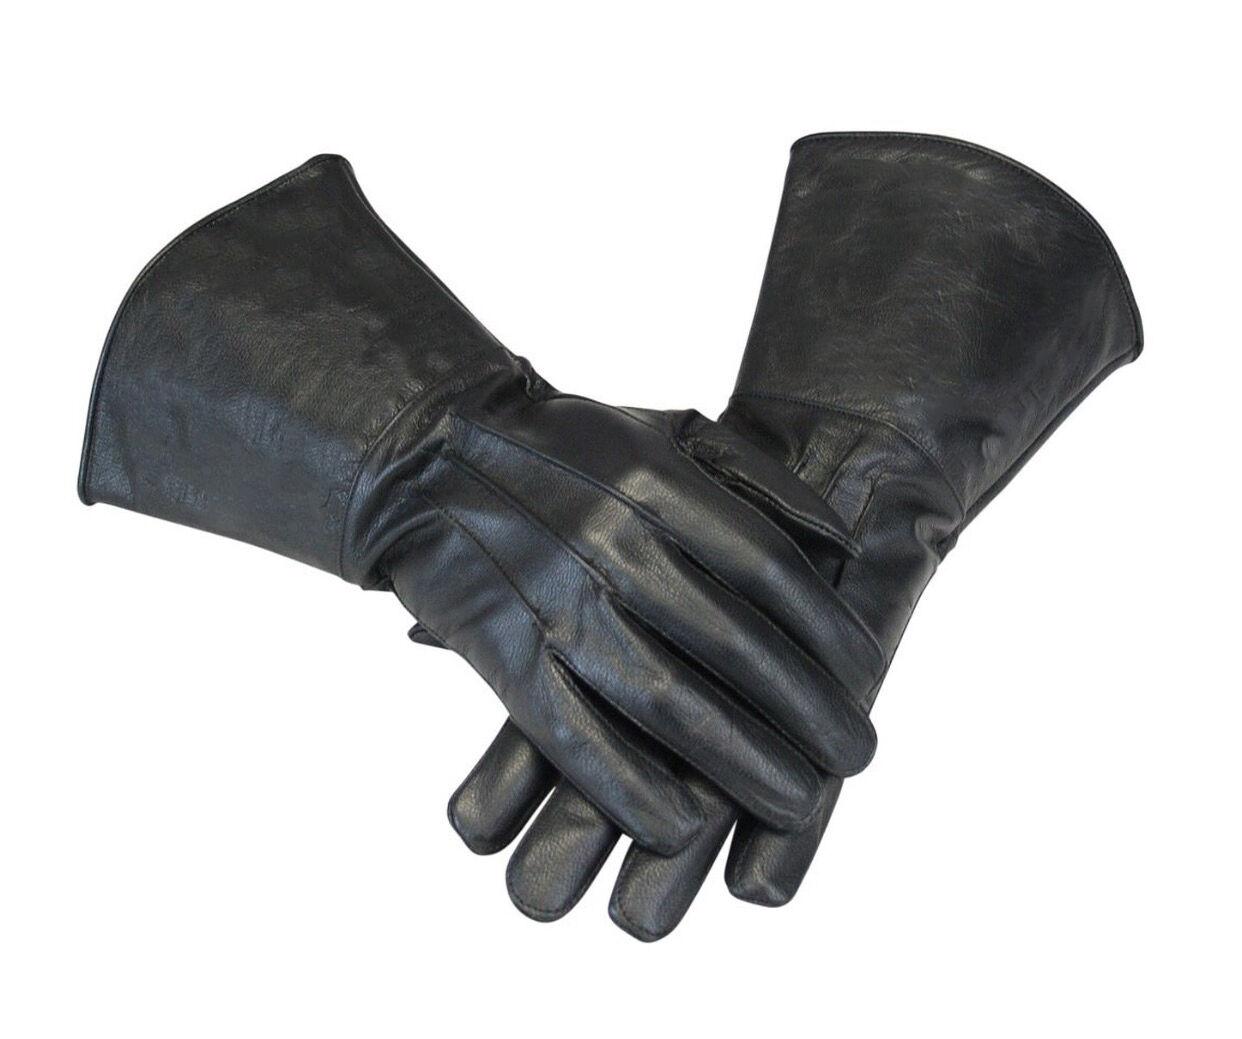 разрушение мужские кожаные перчатки девятнадцатого века фото которые можно